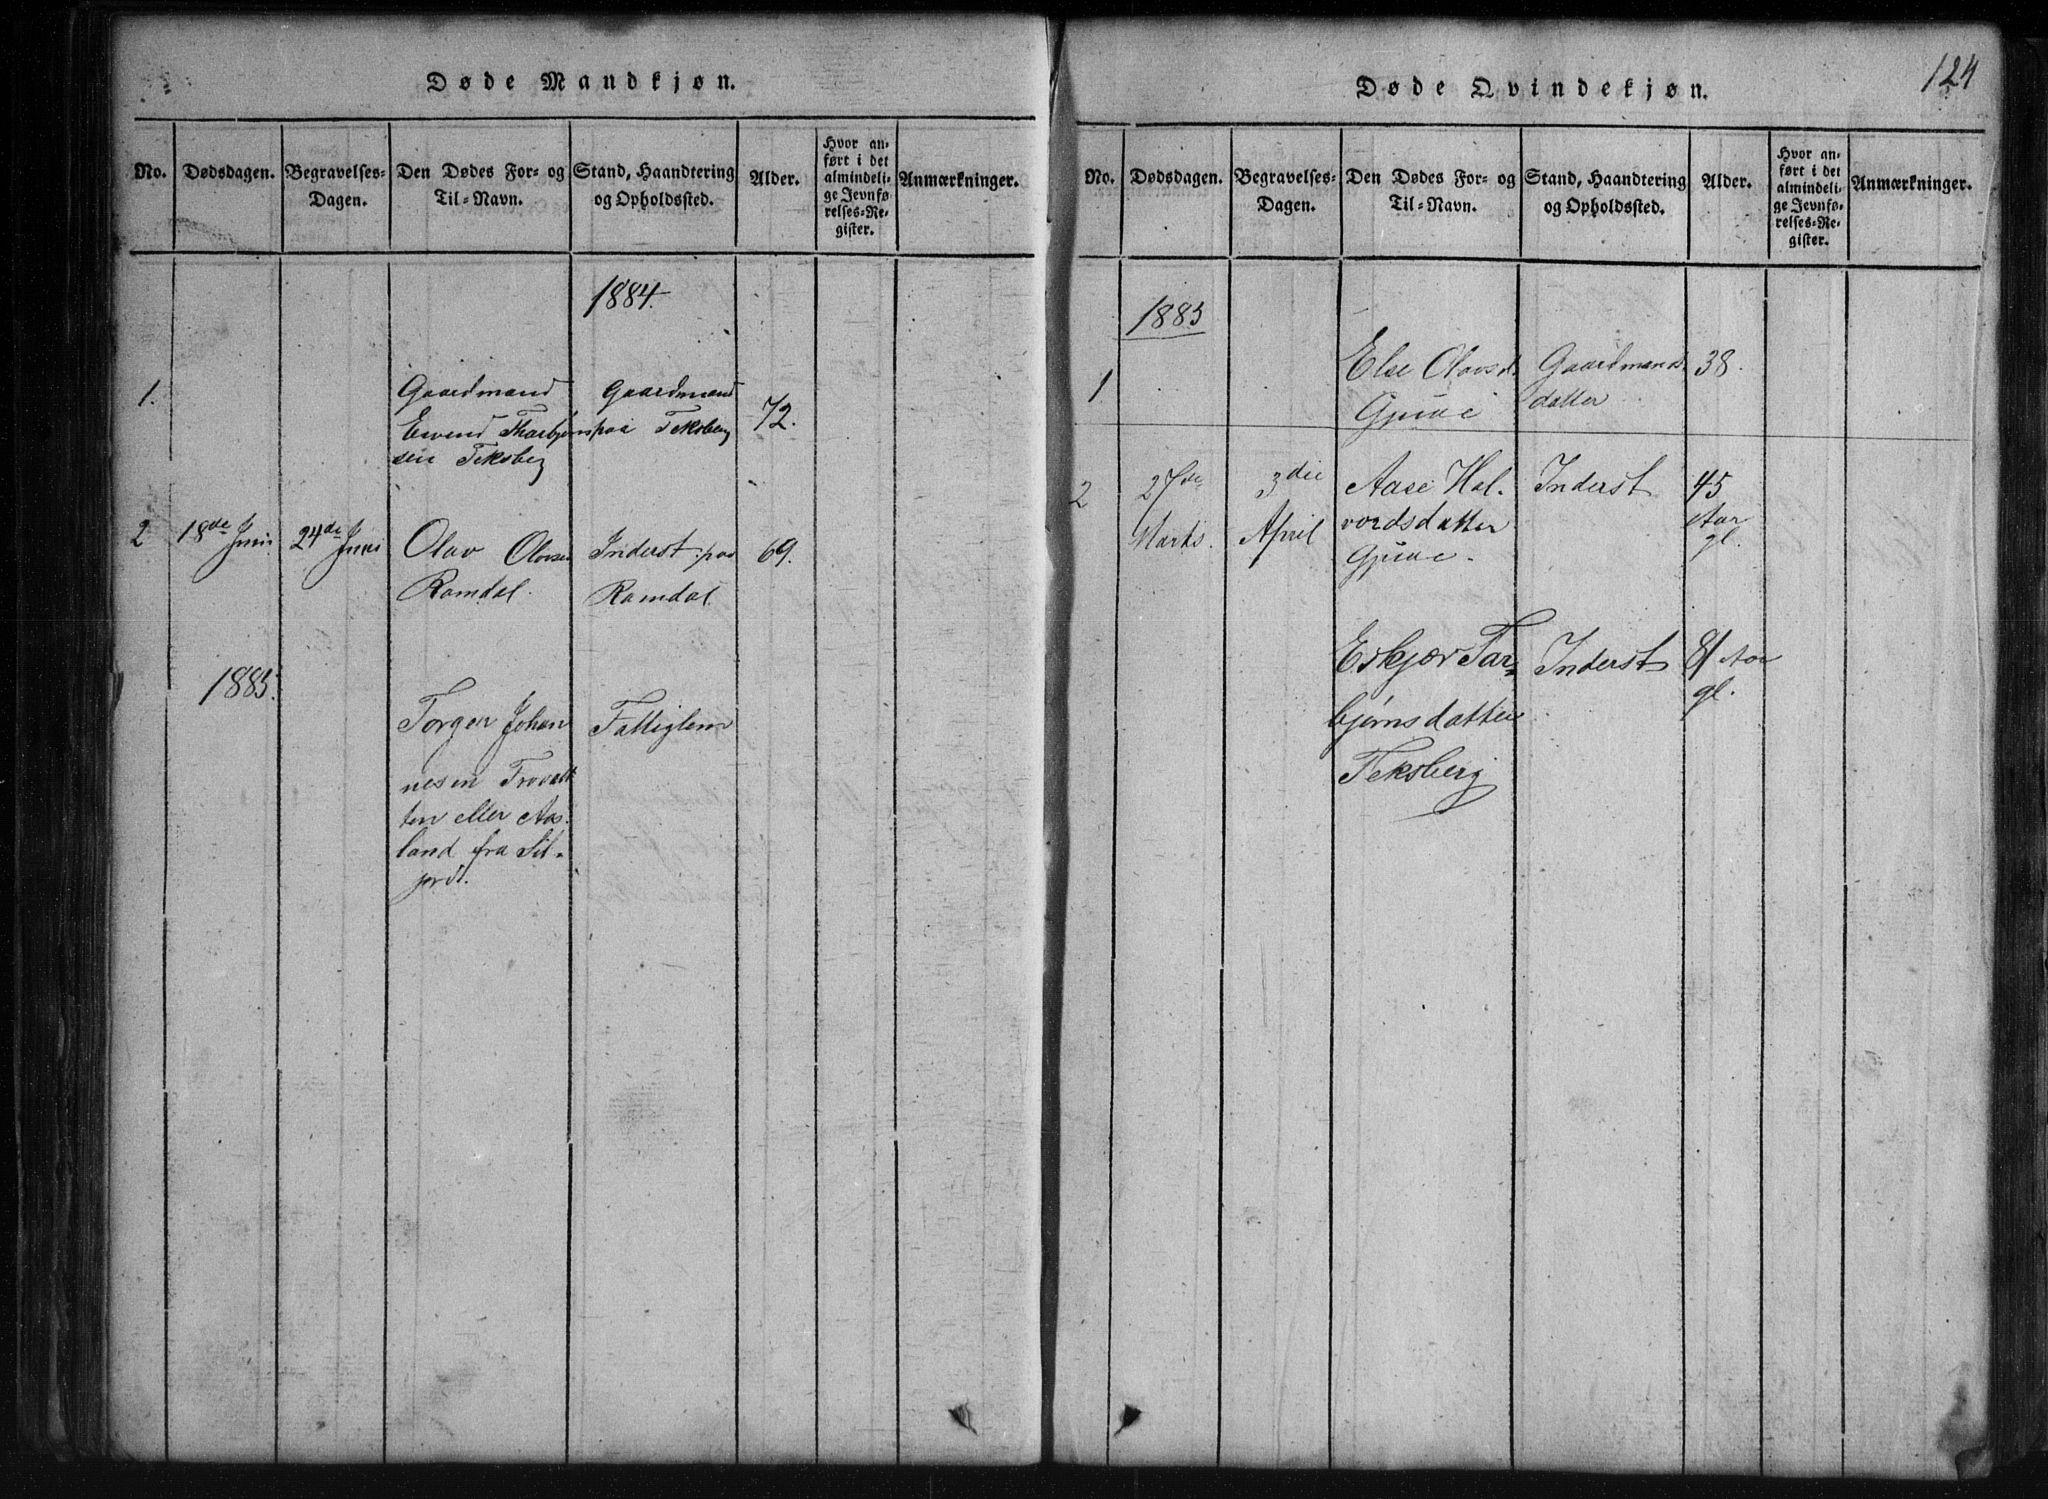 SAKO, Rauland kirkebøker, G/Gb/L0001: Klokkerbok nr. II 1, 1815-1886, s. 124